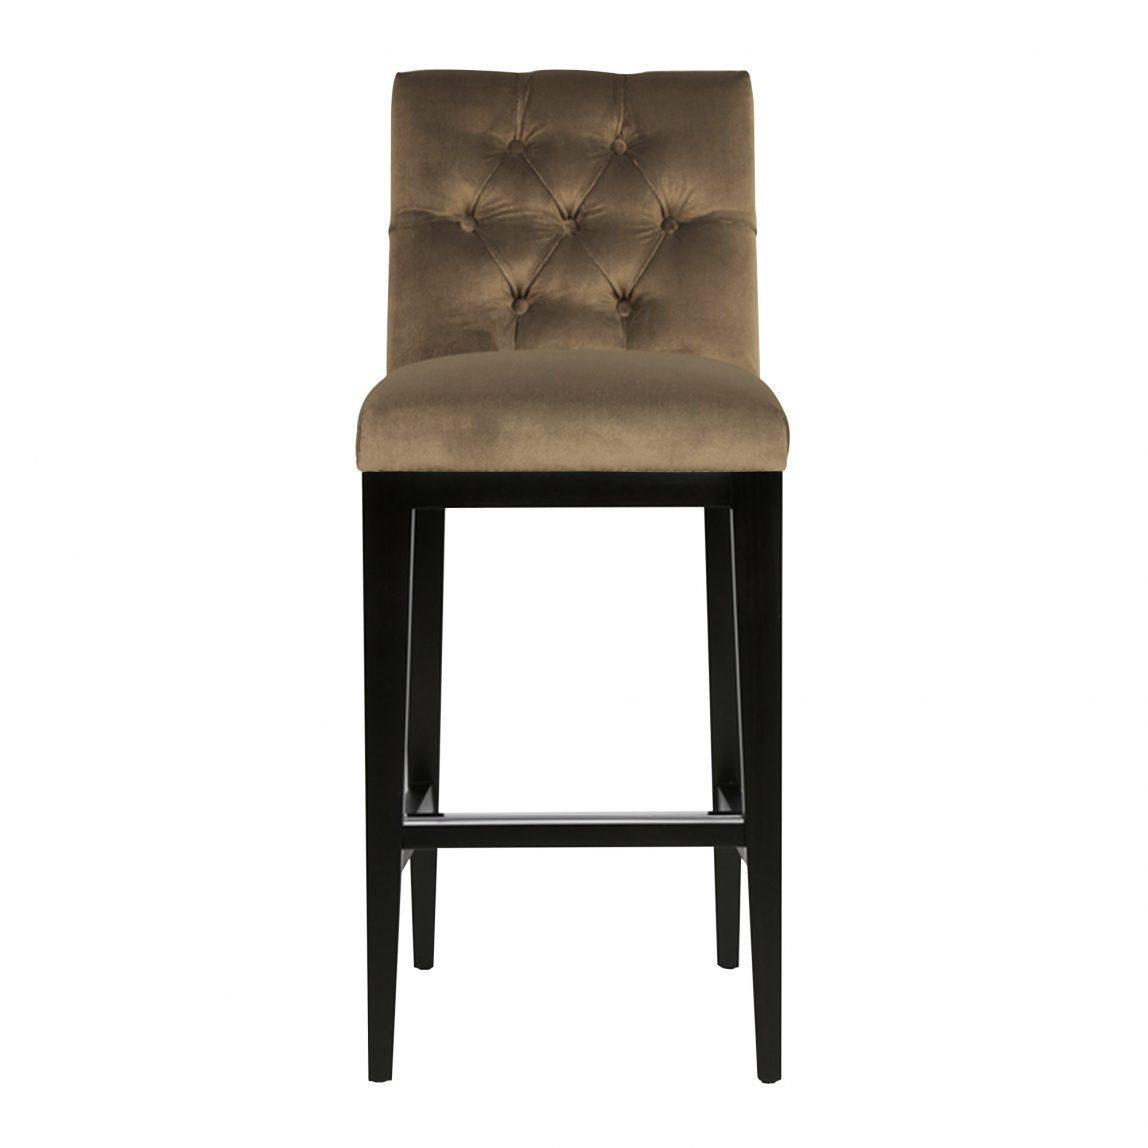 Барный стул Пирс в стиле современная классика